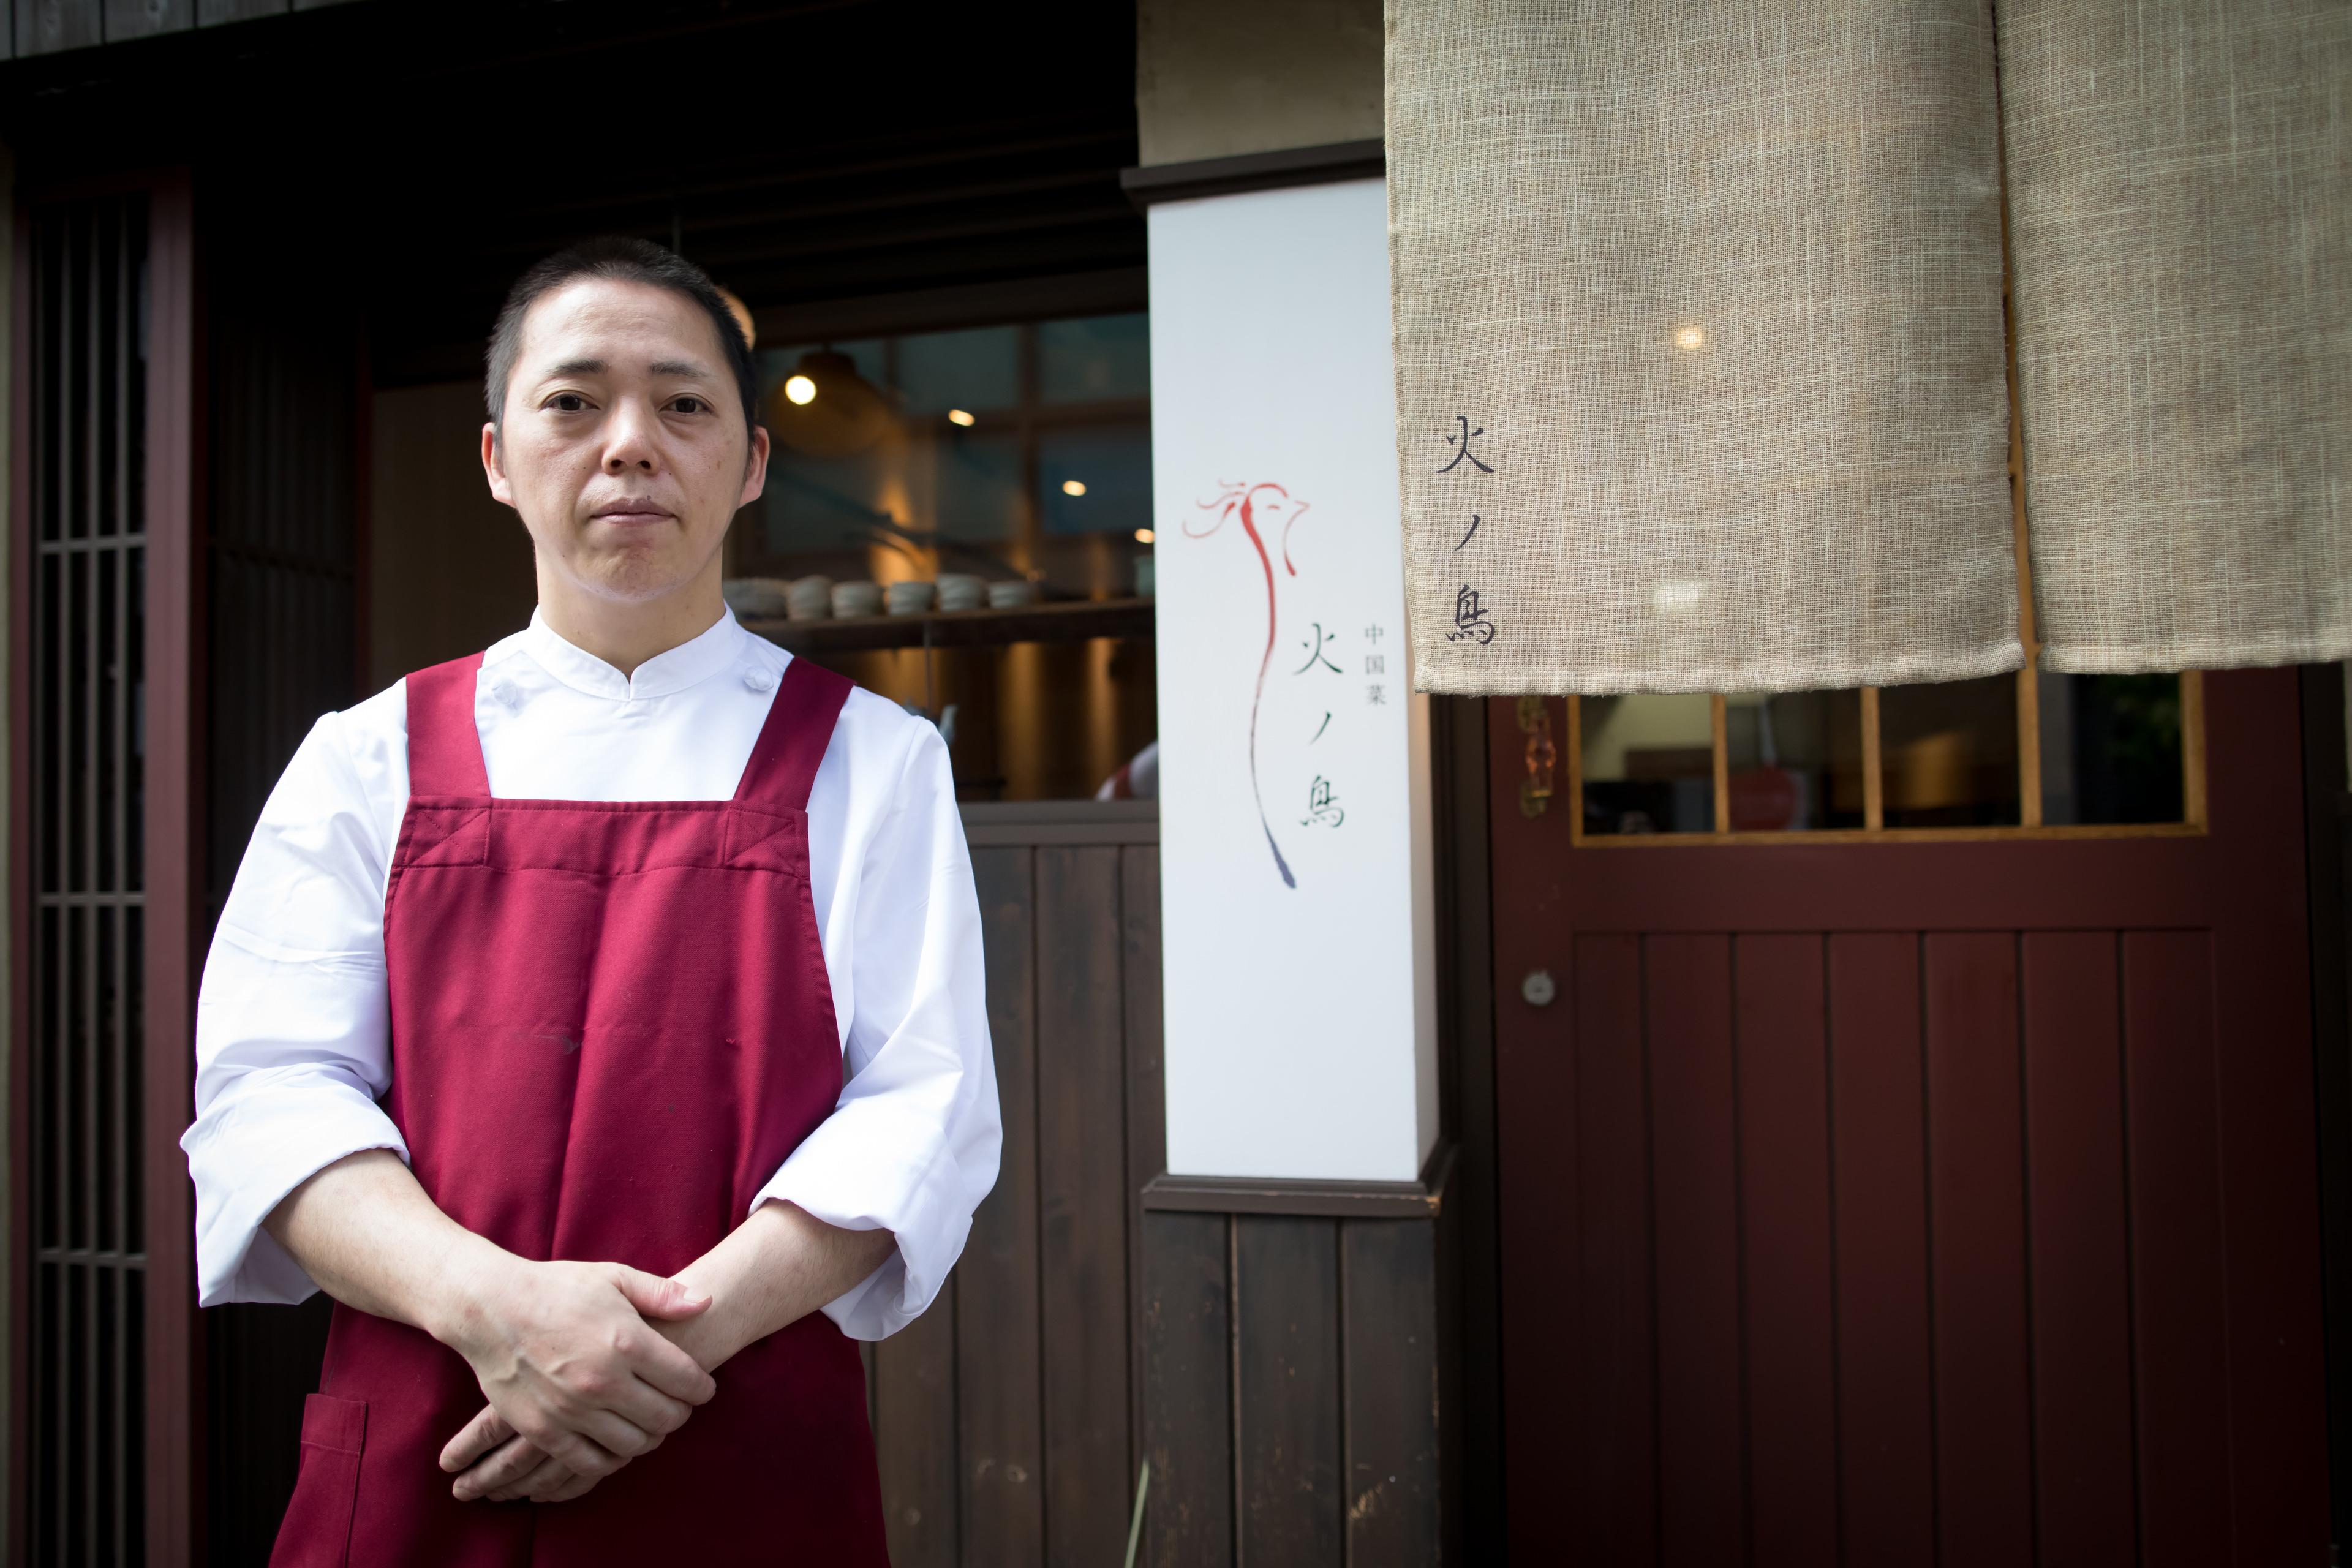 中国菜 火ノ鳥 井上清彦